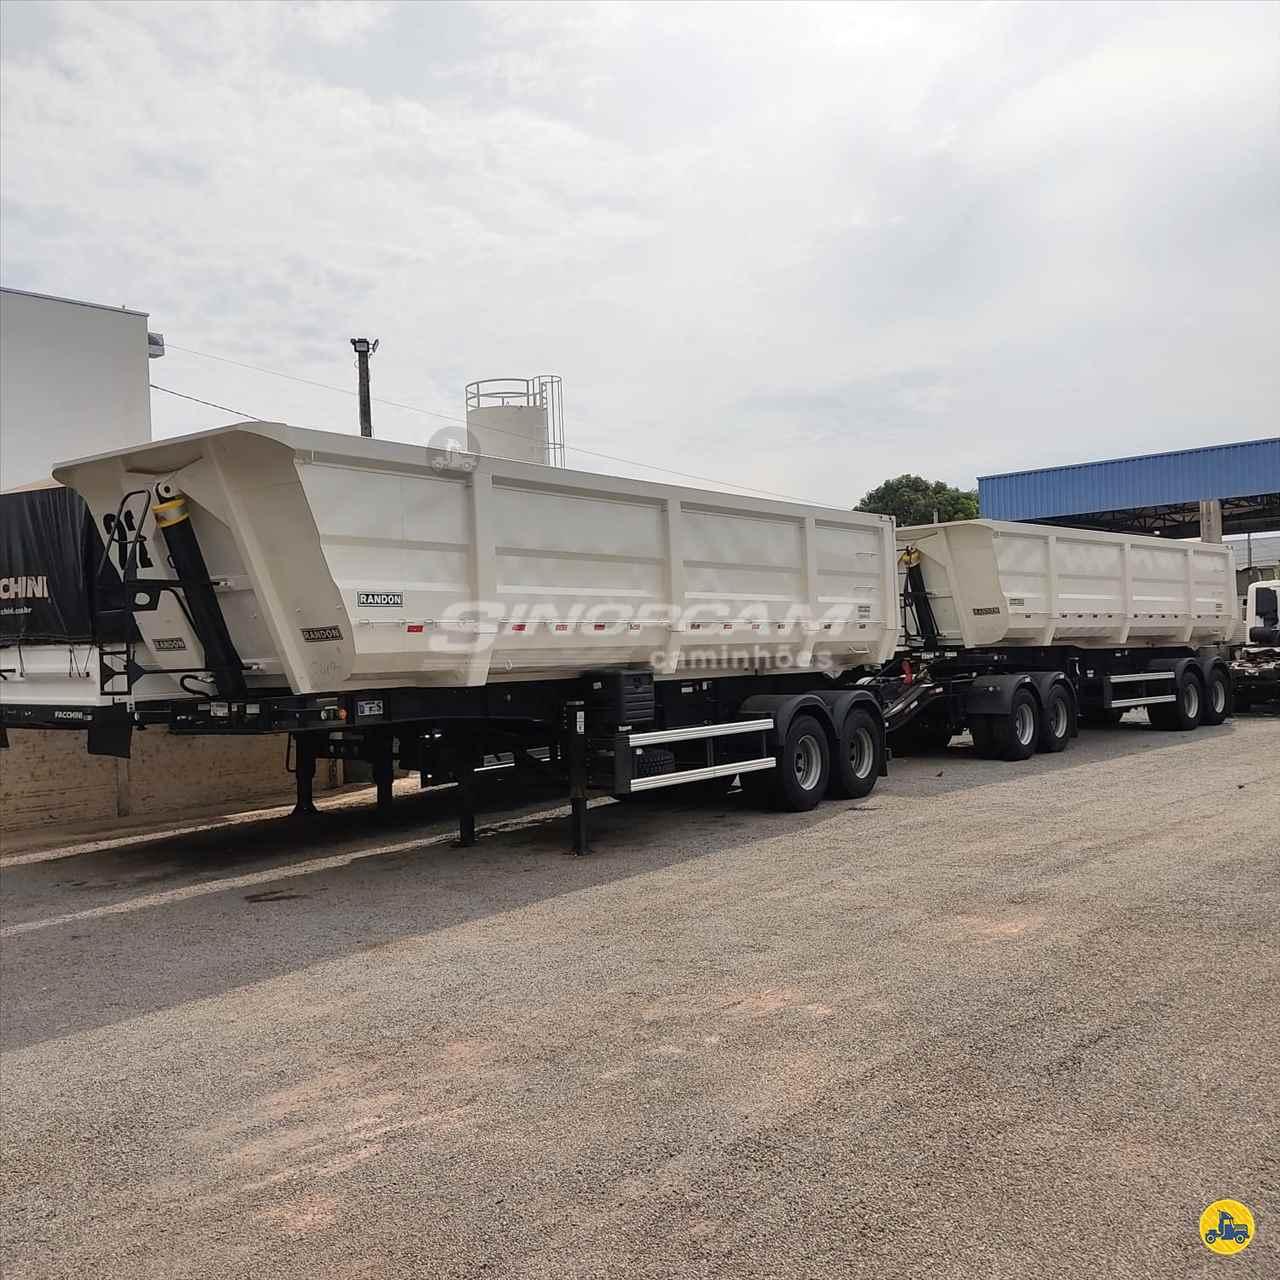 BASCULANTE de SinopCam Caminhões - SINOP/MT